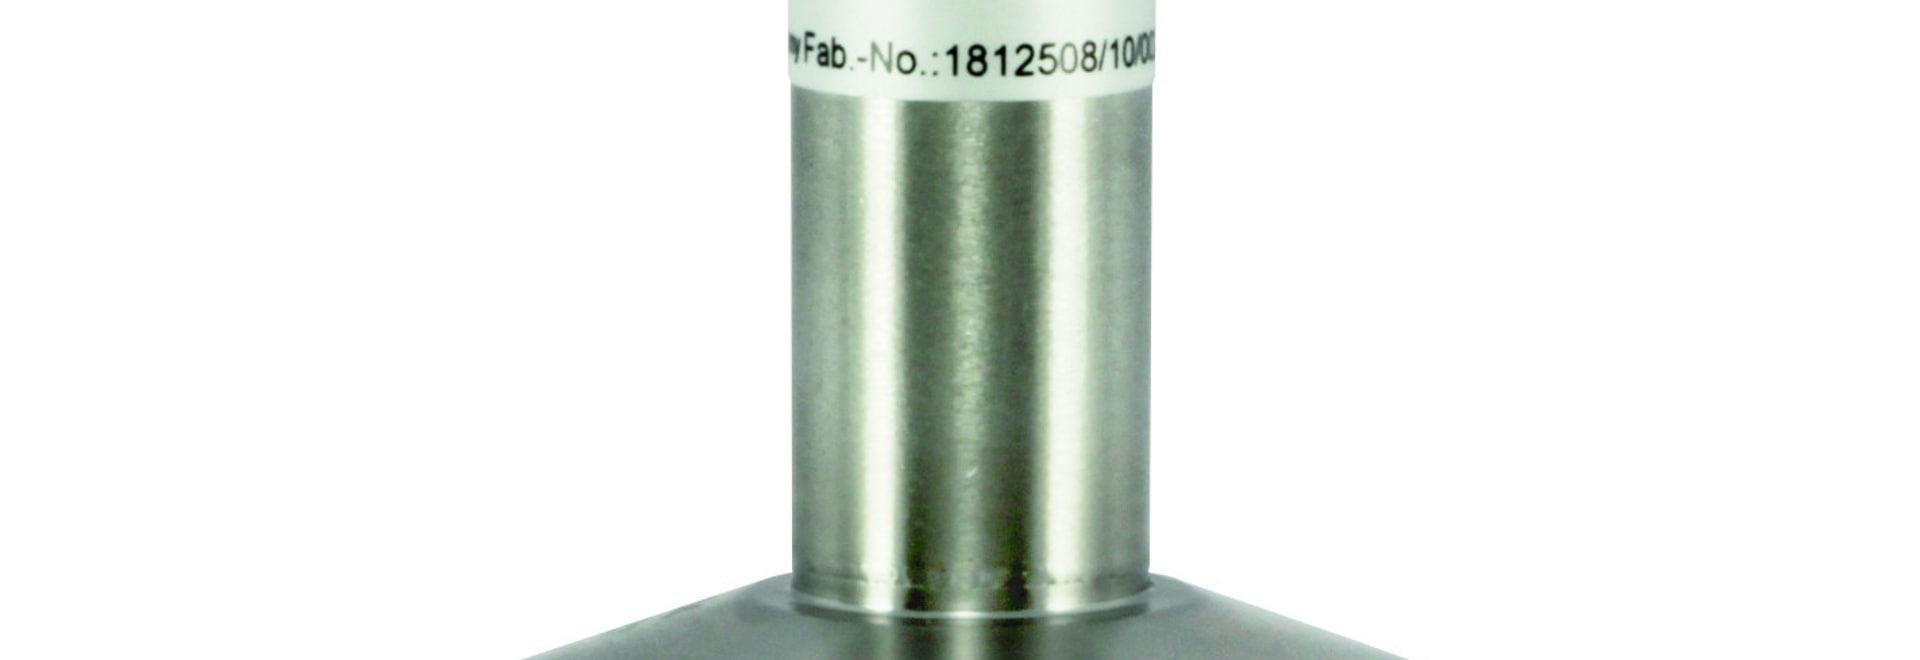 Termómetro de resistencia en la tecnología del IO-vínculo, tipo serie GA2700, respuesta rápida, diseño higiénico